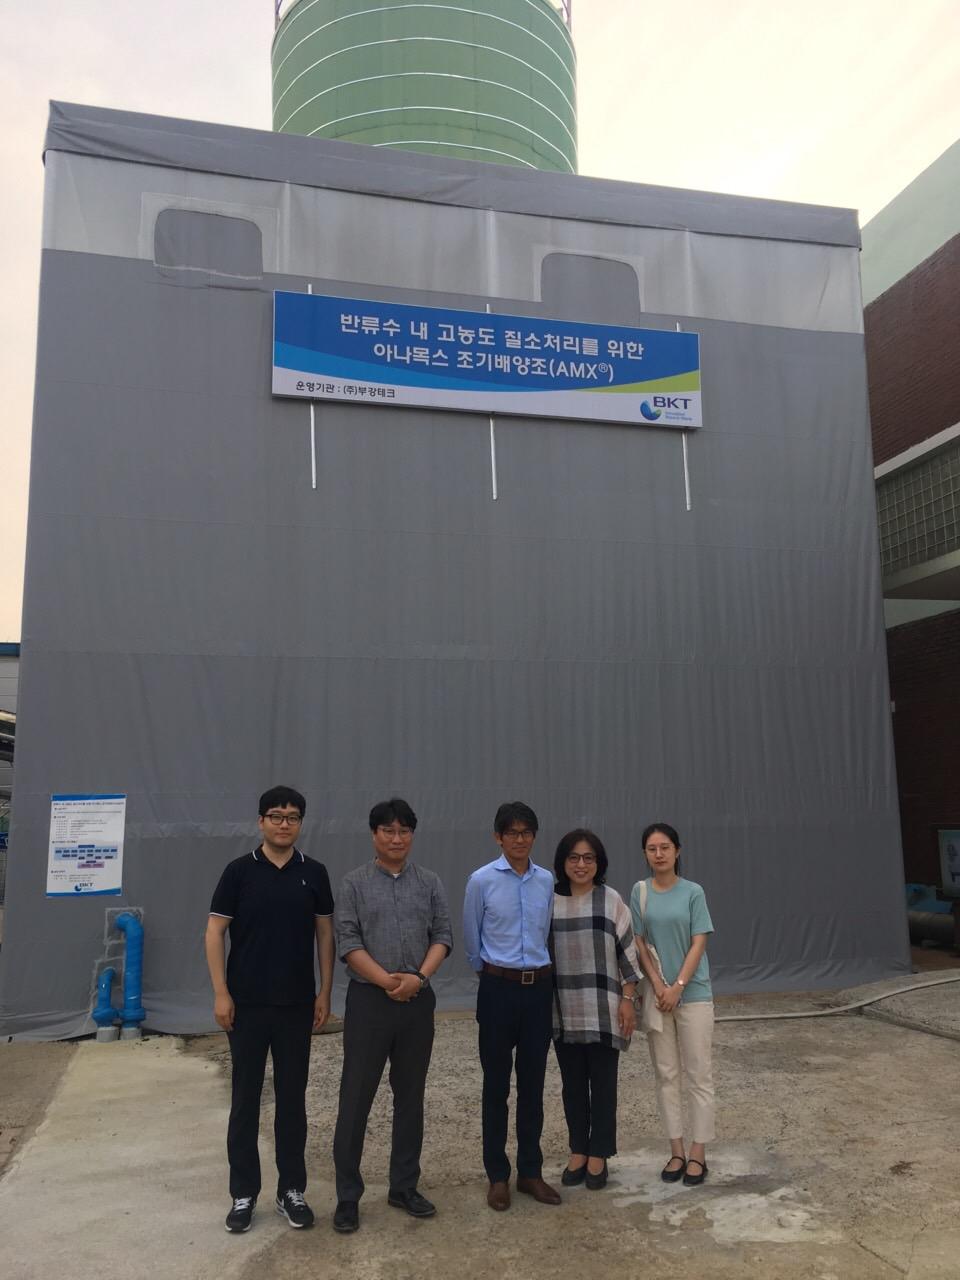 부산 강변대량배양조 를 방문한 오카베 교수와 조순자 교수